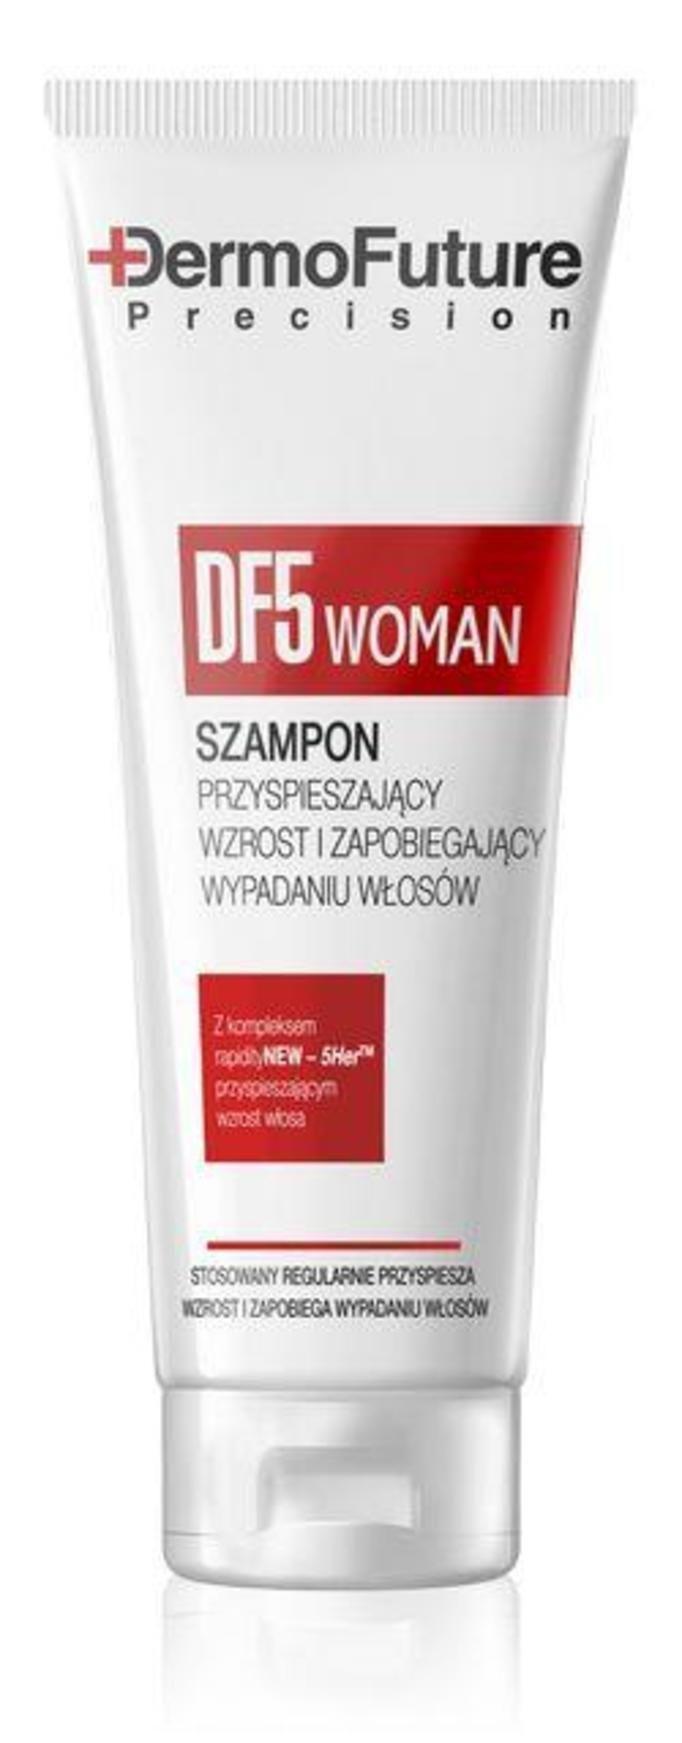 szampon przyspieszający wzrost włosów